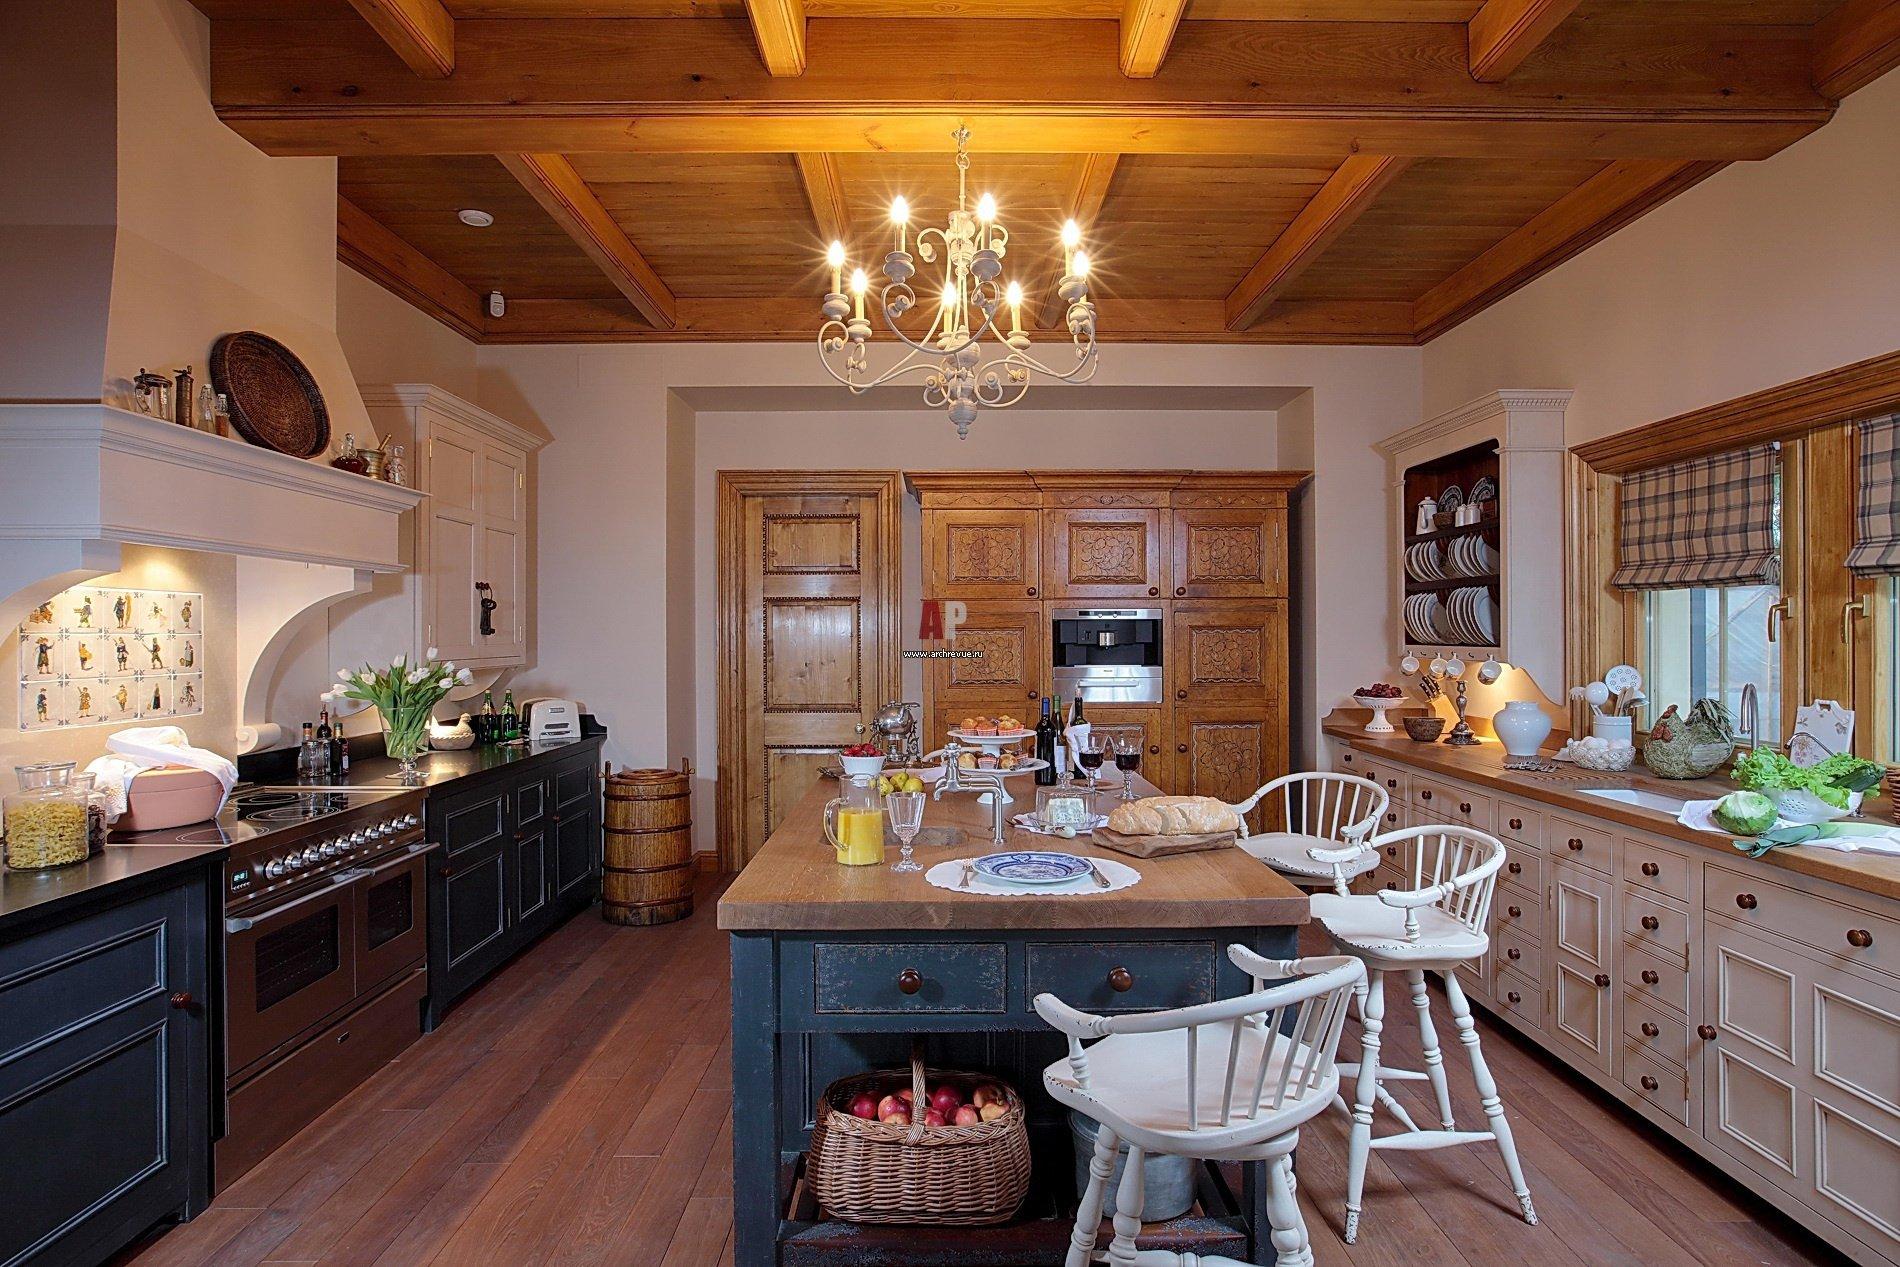 Дизайн интерьера кухни в старых домах 8